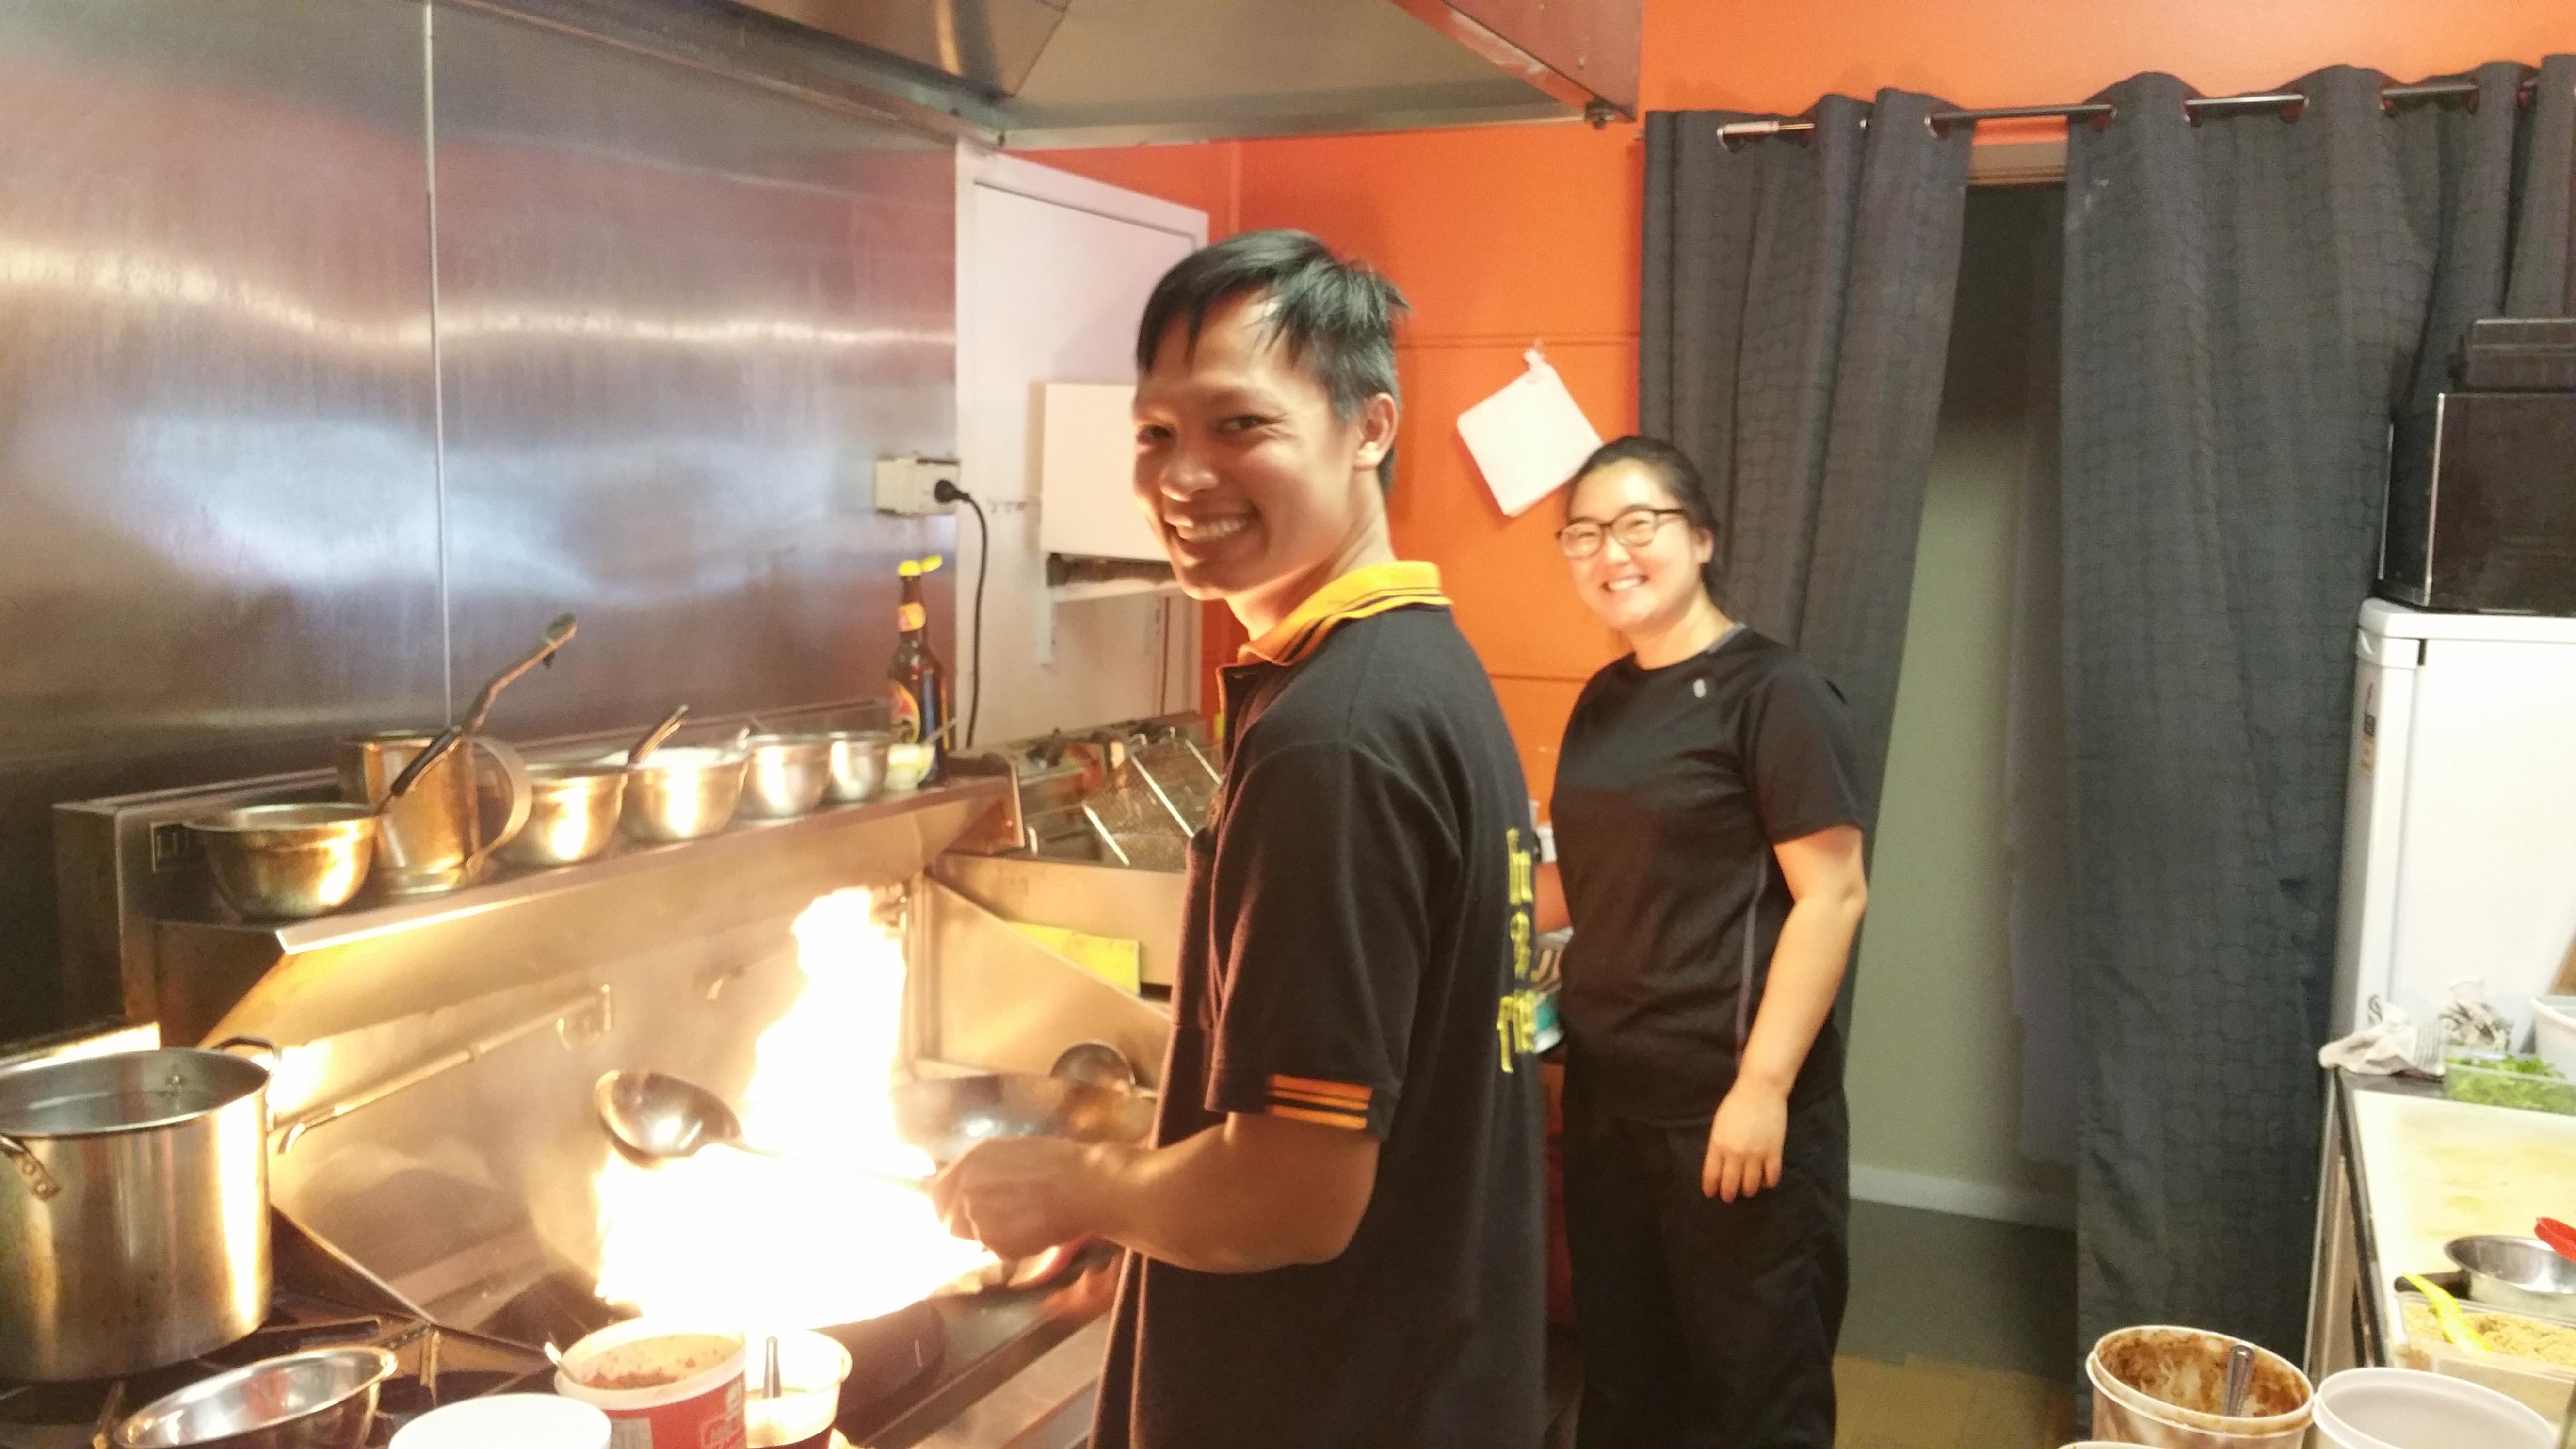 <p>タイの伝統的な家庭料理を作るシェフとフレンドリーなスッタッフ</p>